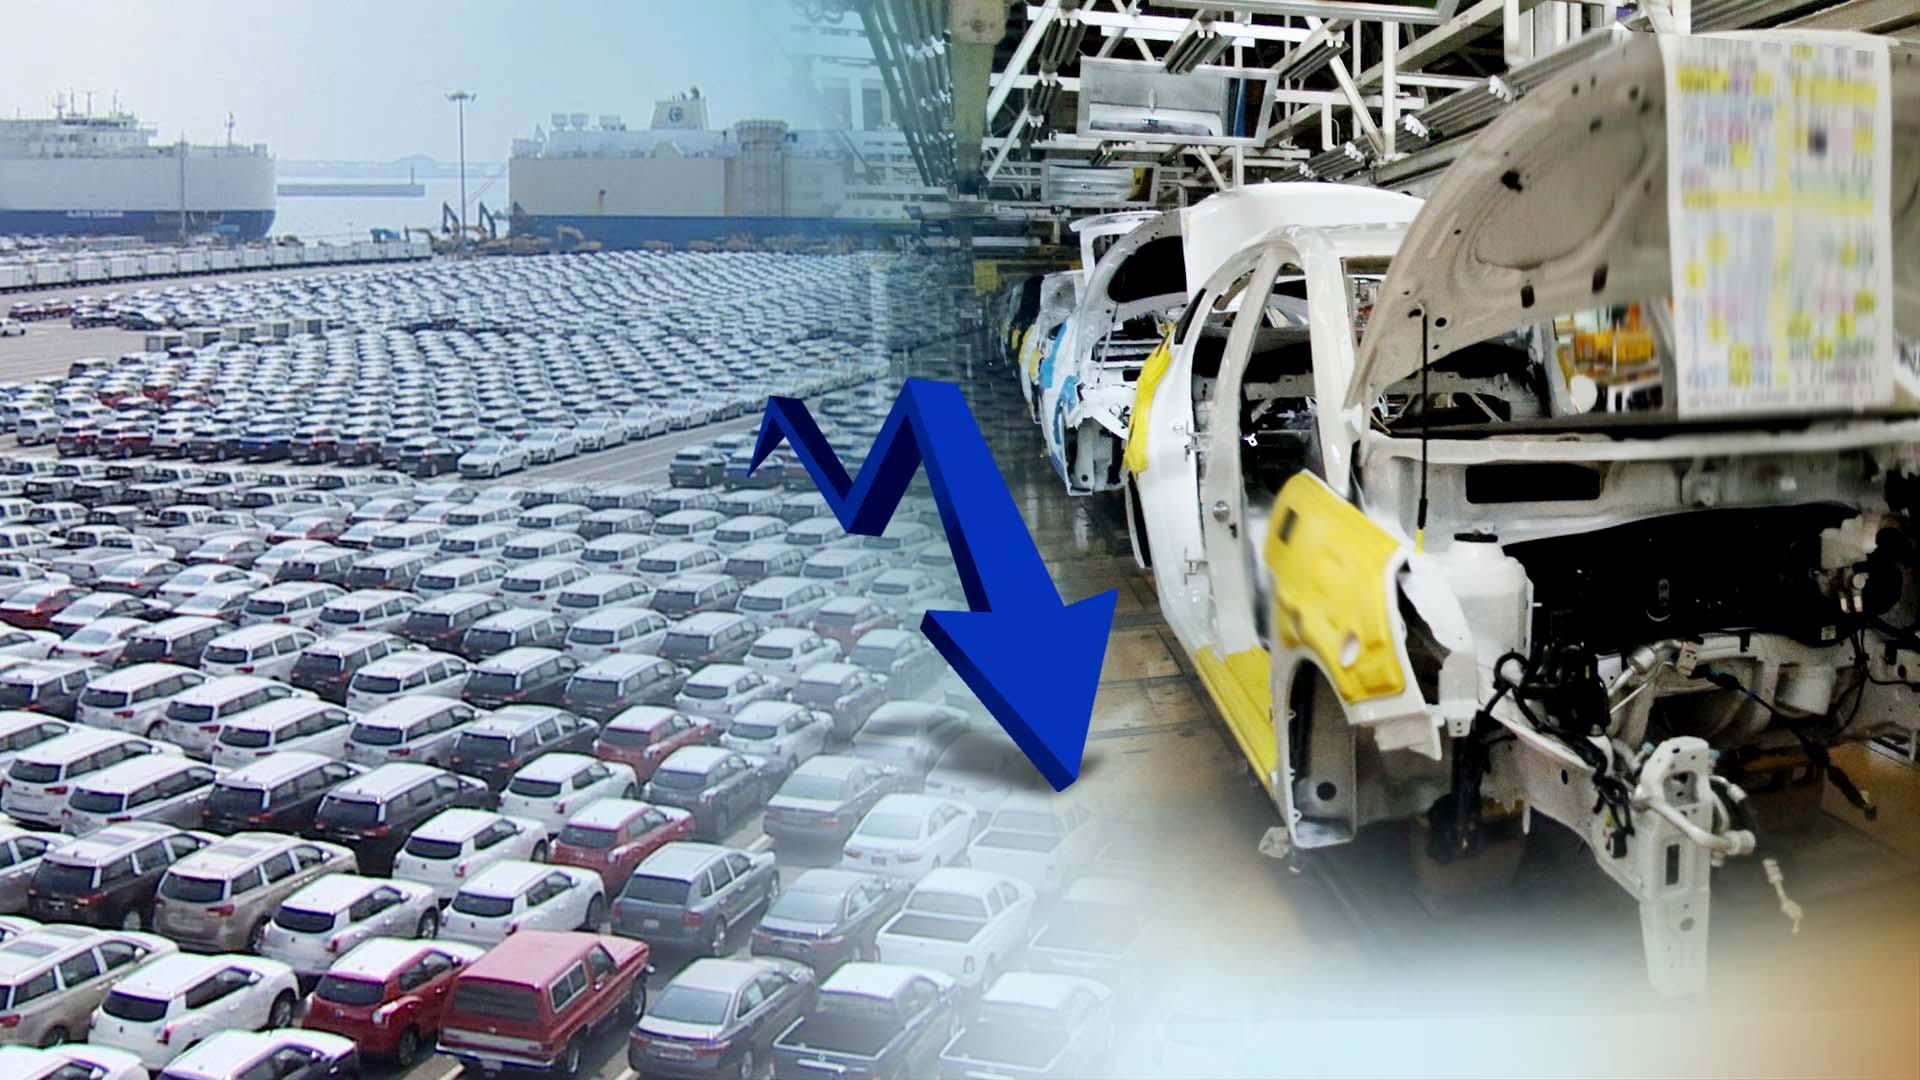 작년 국내 자동차 생산 16년 만에 최소…전년보다 11% 줄어